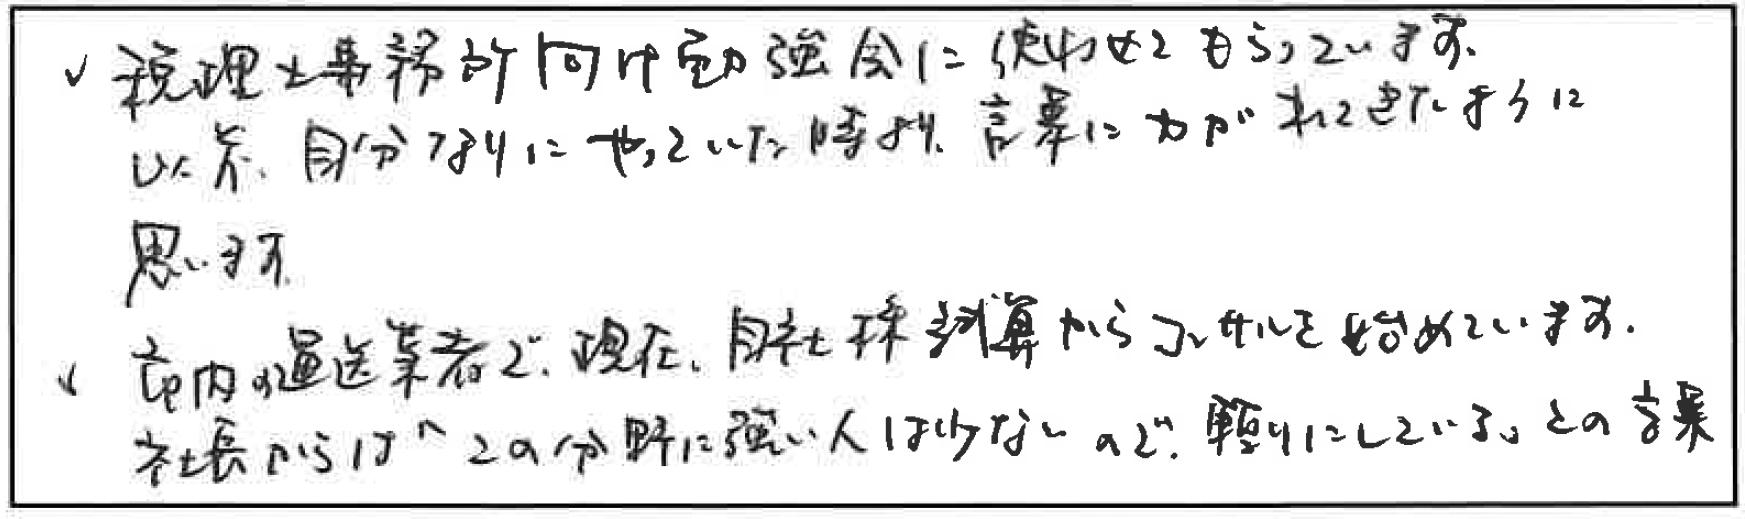 吉澤塾 半年コースの参加者の声画像299